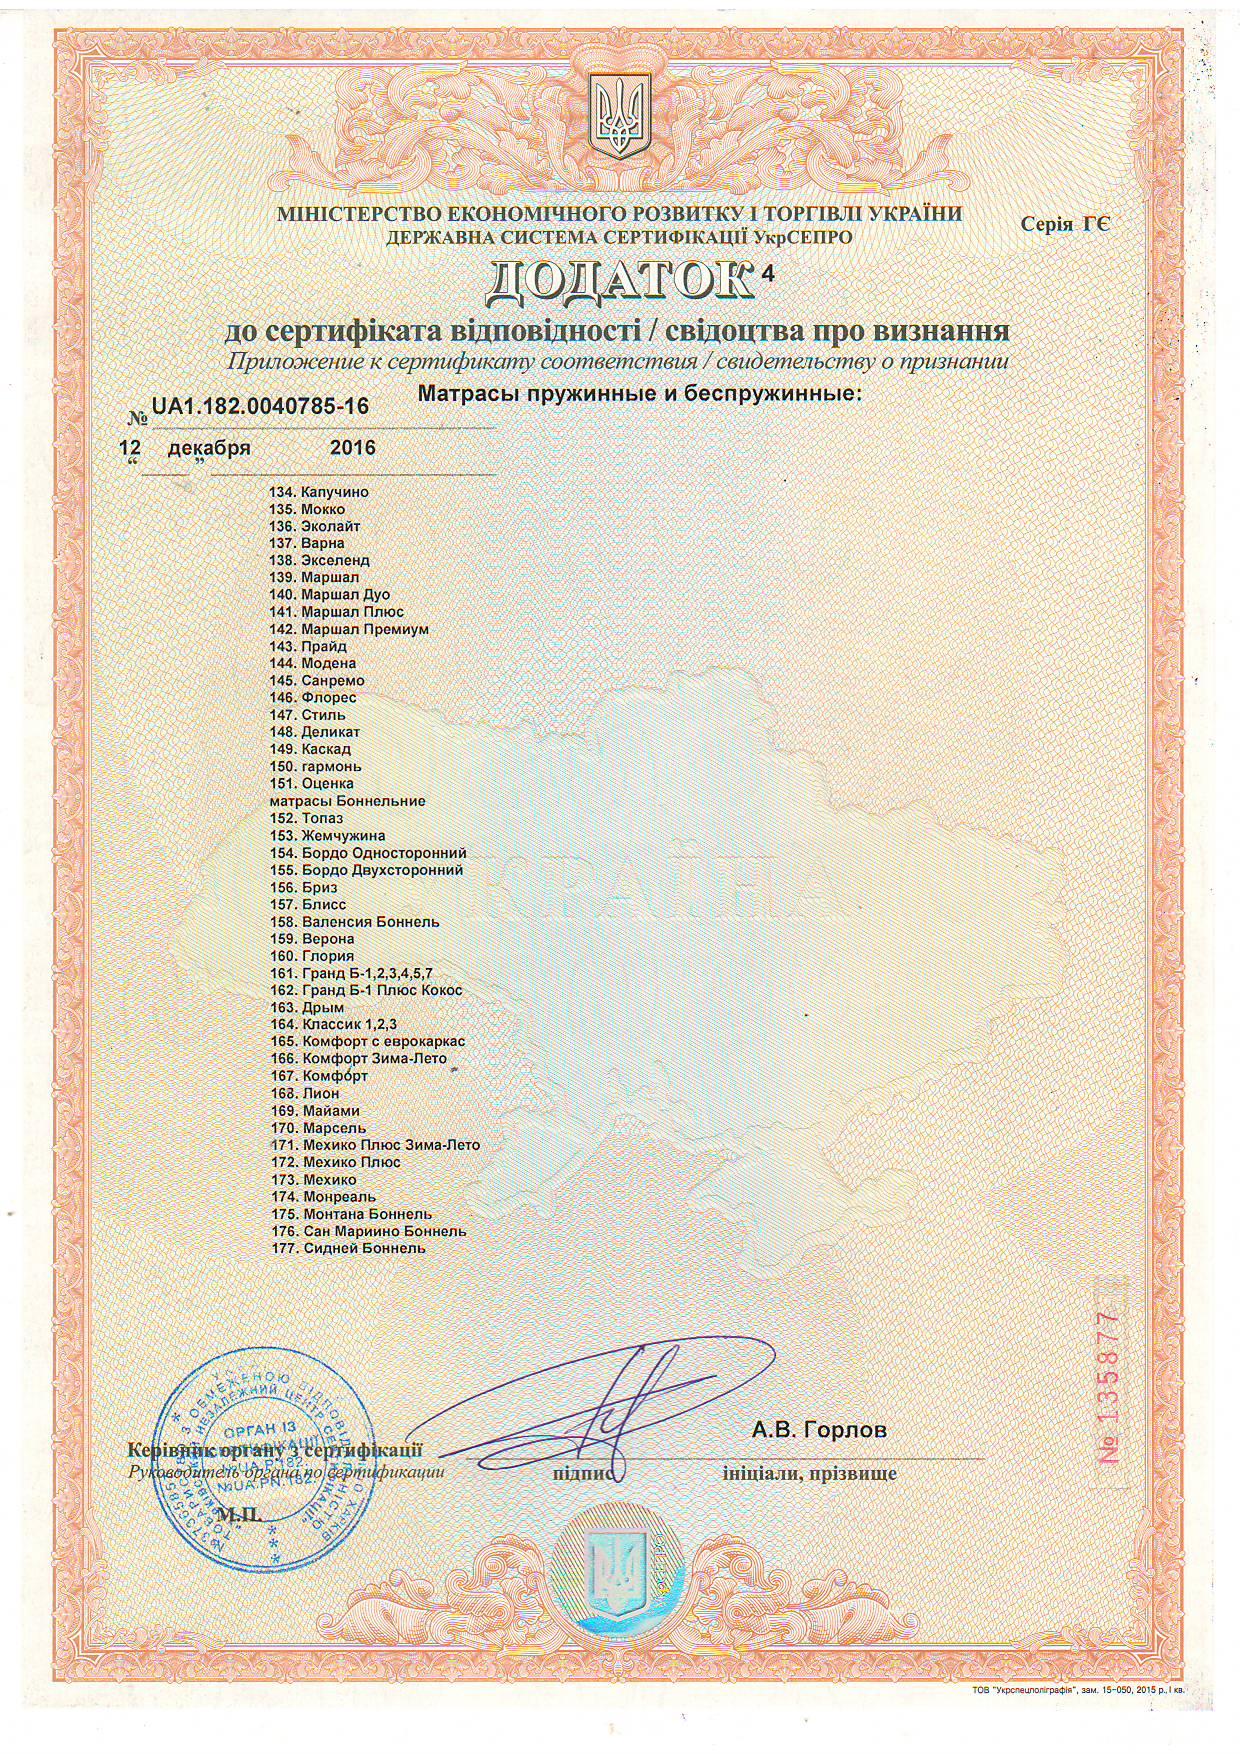 Дополнение 4 к Сертификату соответствия качества матрасов пружинных и беспружинных.